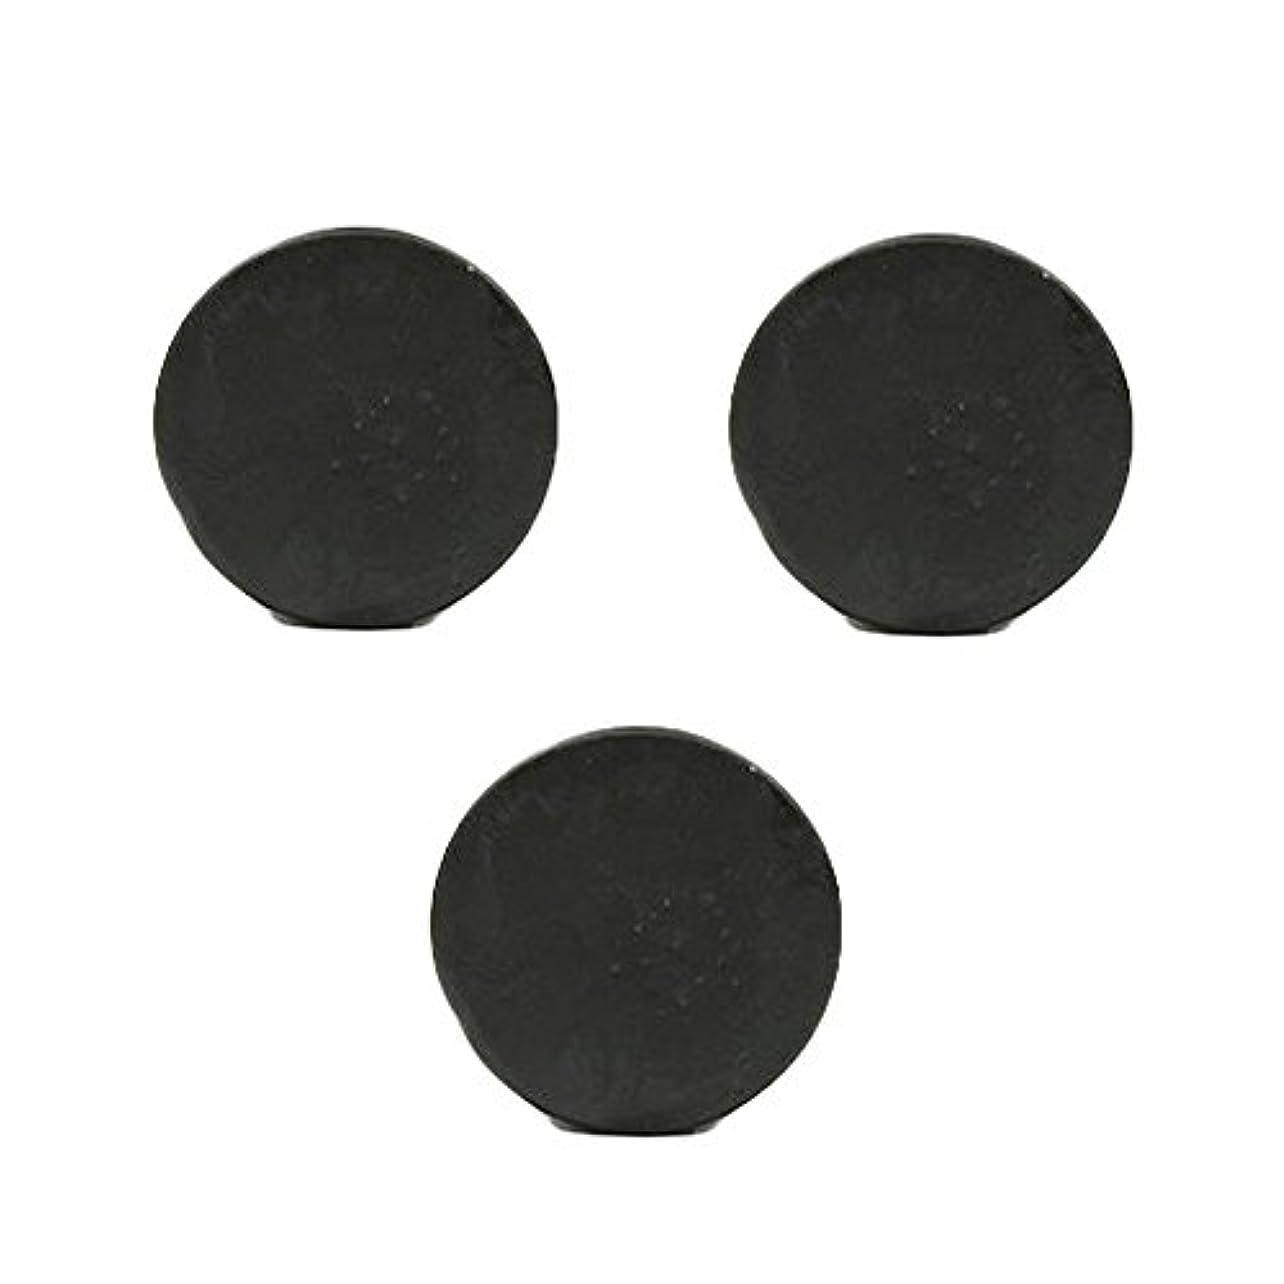 不要扱いやすいミニ薬用人参クレンジングソープ3個 / Fermented Dark Black Ginseng Cleansing Soap 3pcs[海外直送品] [並行輸入品]